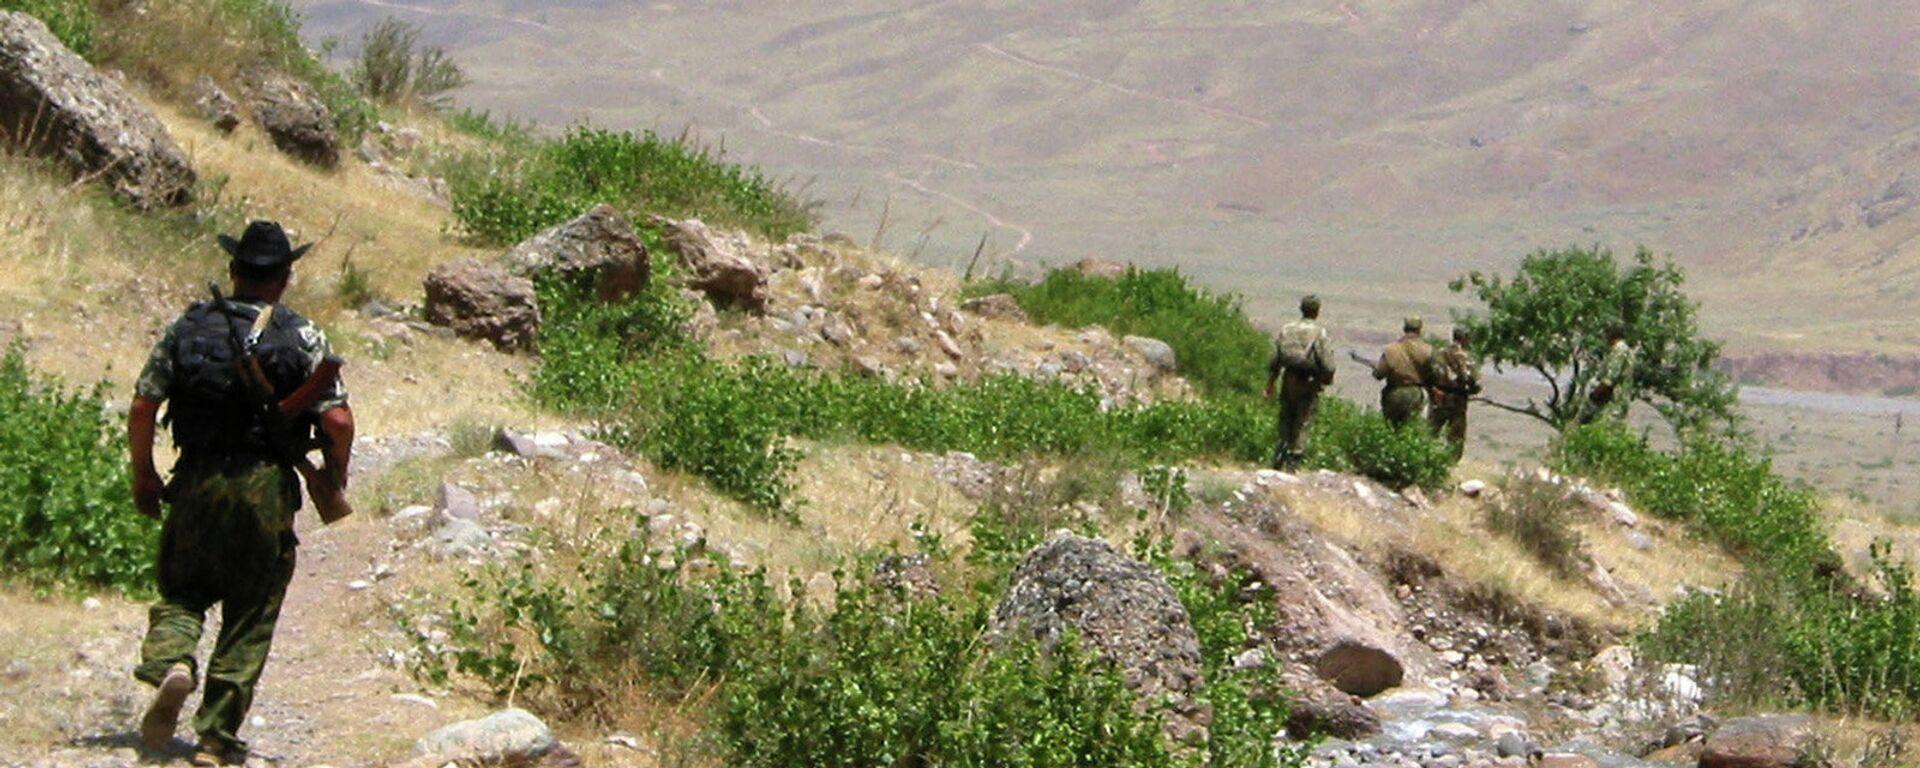 На таджикский-афганской границе, архивное фото - Sputnik Таджикистан, 1920, 07.09.2021